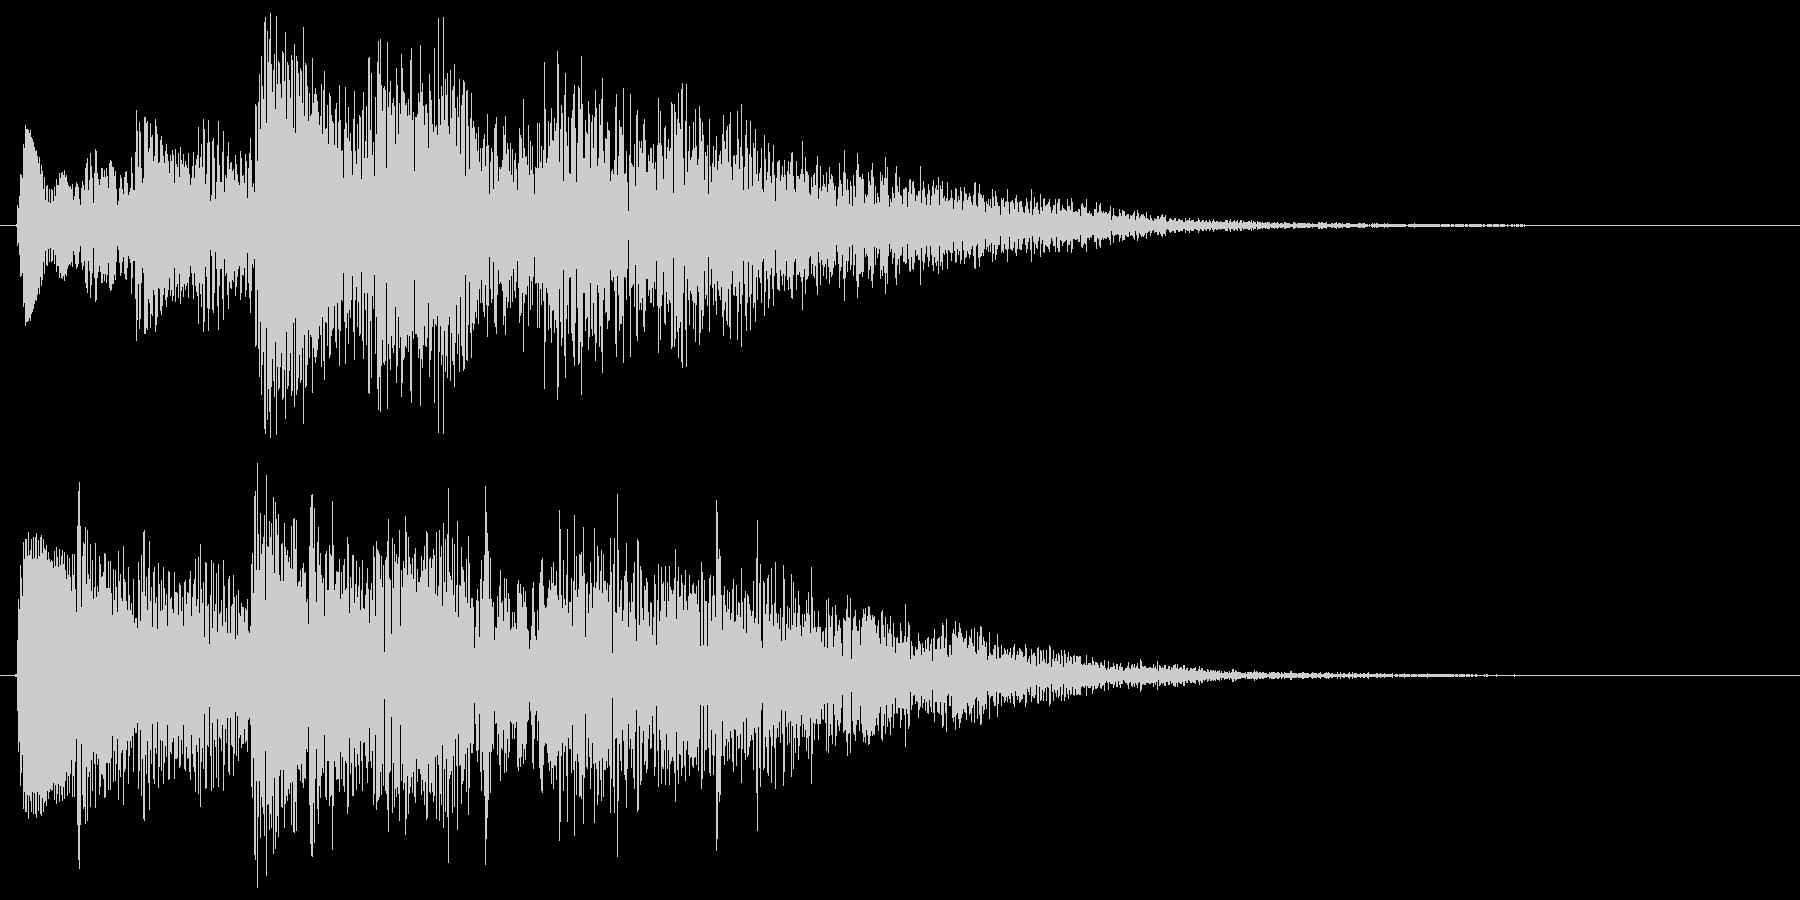 ハープのアルペジオ クリア 達成 成功の未再生の波形